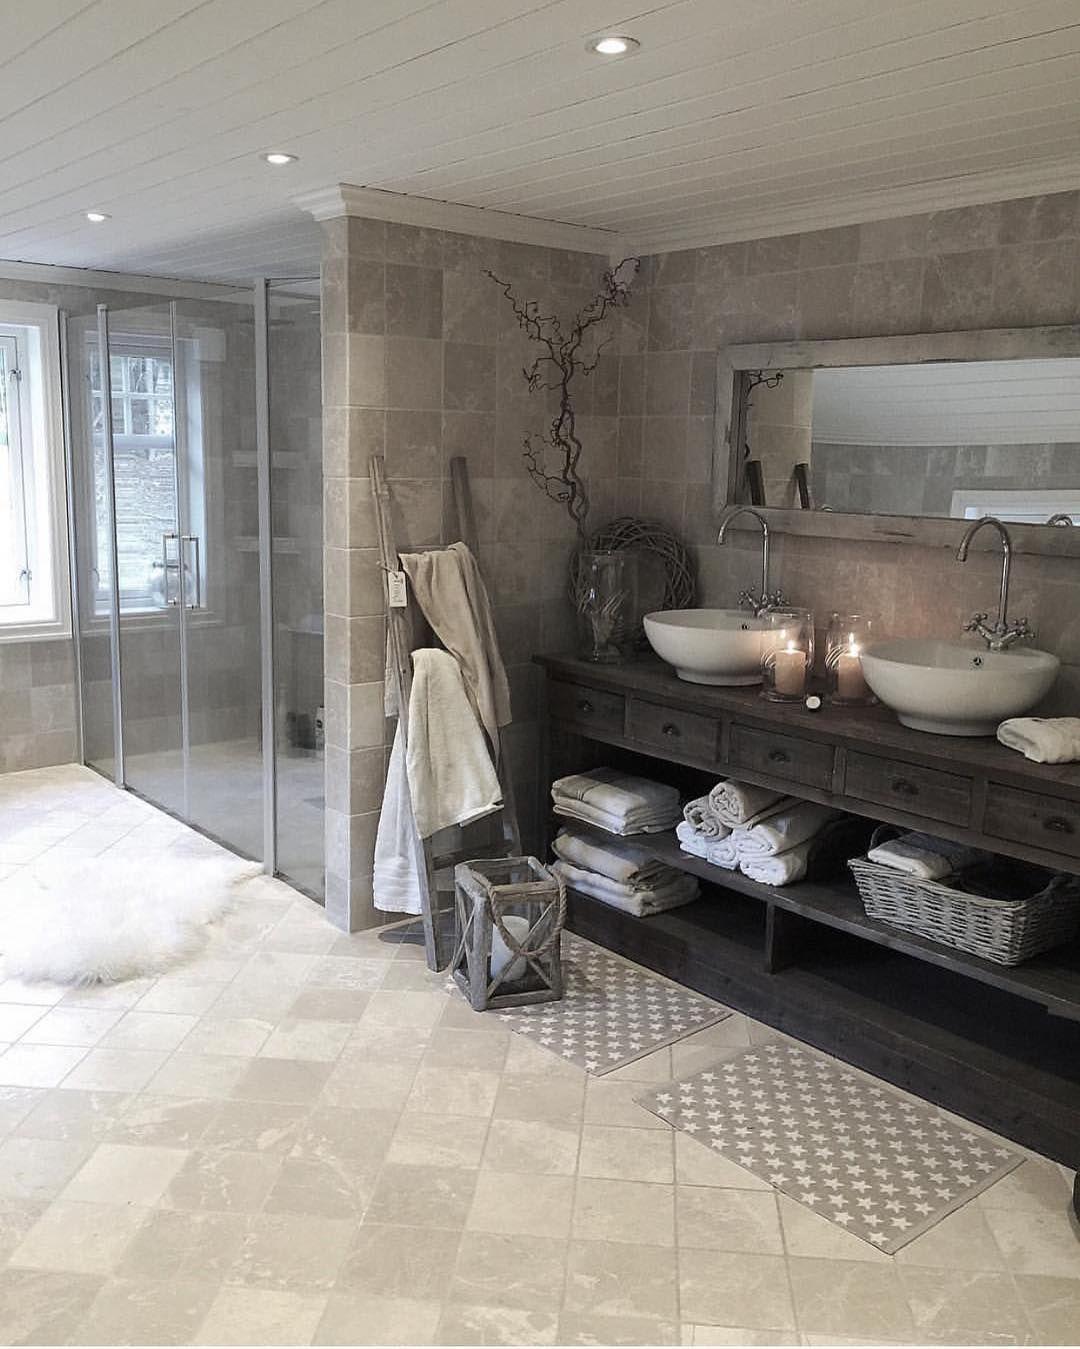 """Photo of Vibeke J Dyremyhr på Instagram: """"Fant dette fantastiske badet på y @your_interior_inspiration Cred: @husetpaanordseth #bathroom #bathroomdesign #salledebain # badrum…"""""""